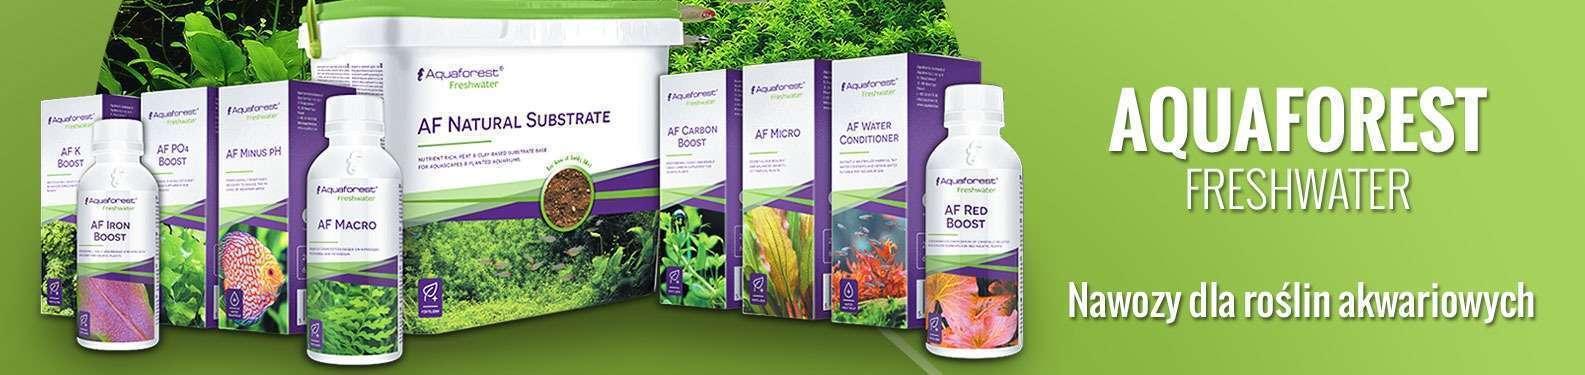 Aquaforest - Nawozy dla roślin akwariowych